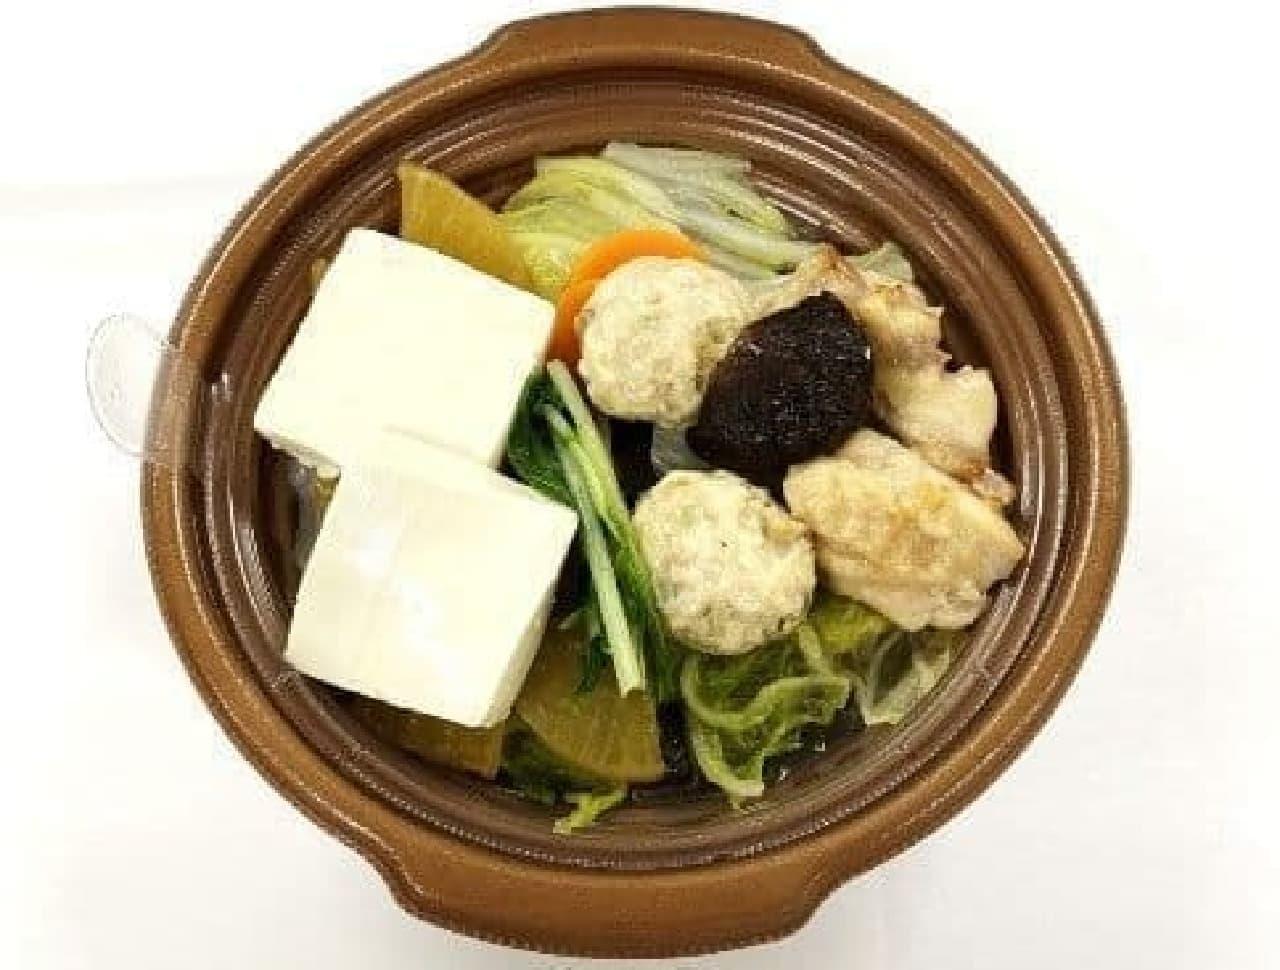 セブン-イレブン「1/2日分の野菜 鶏ちゃんこ鍋」